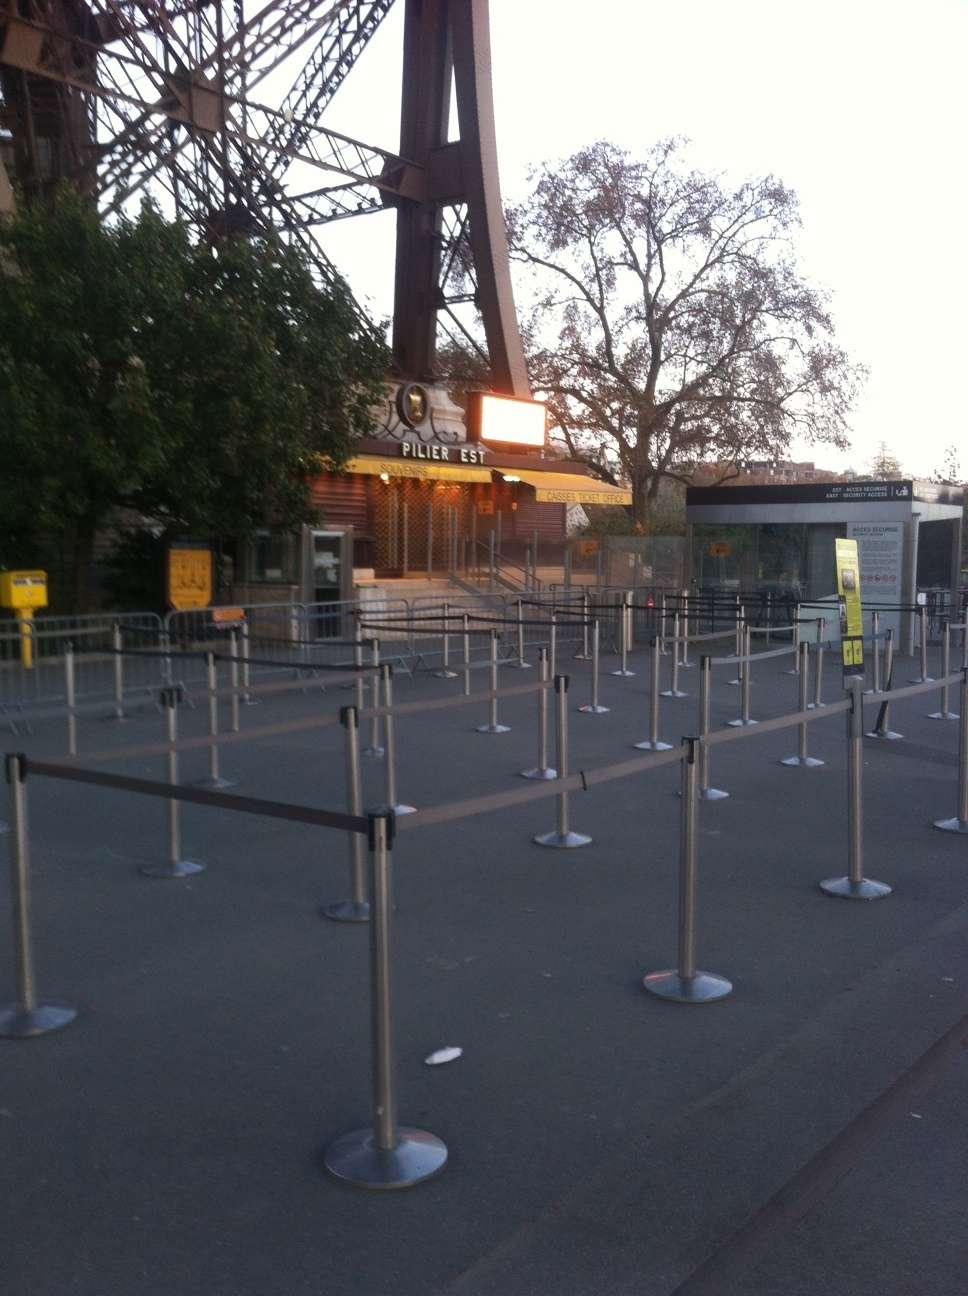 Aici de obicei stau sute de oameni la coadà ca sà urce în Turnul Eiffel